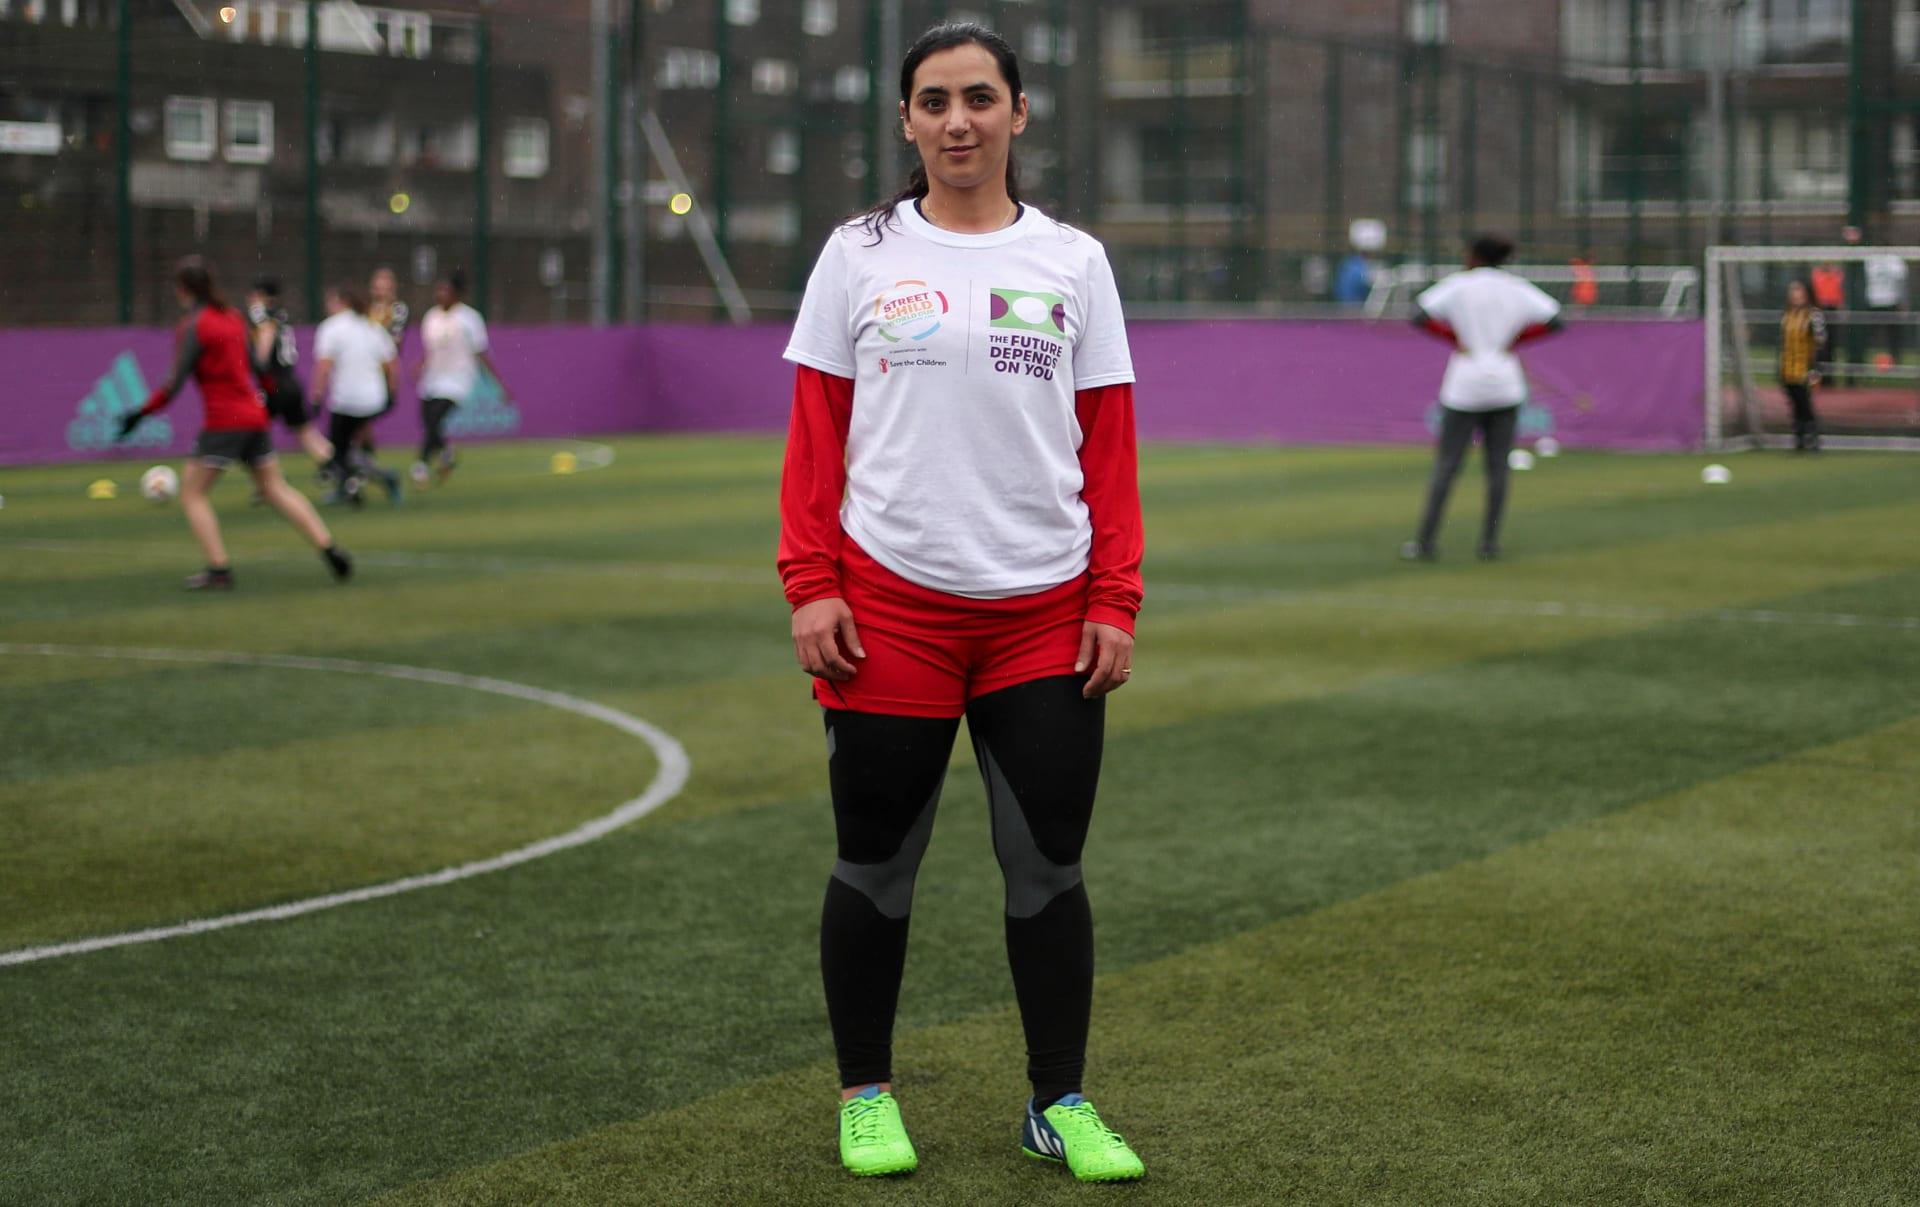 تهديدات بالموت بسبب ممارستها لكرة القدم.. هذه هي قصة الأفغانية خالدة بوبال